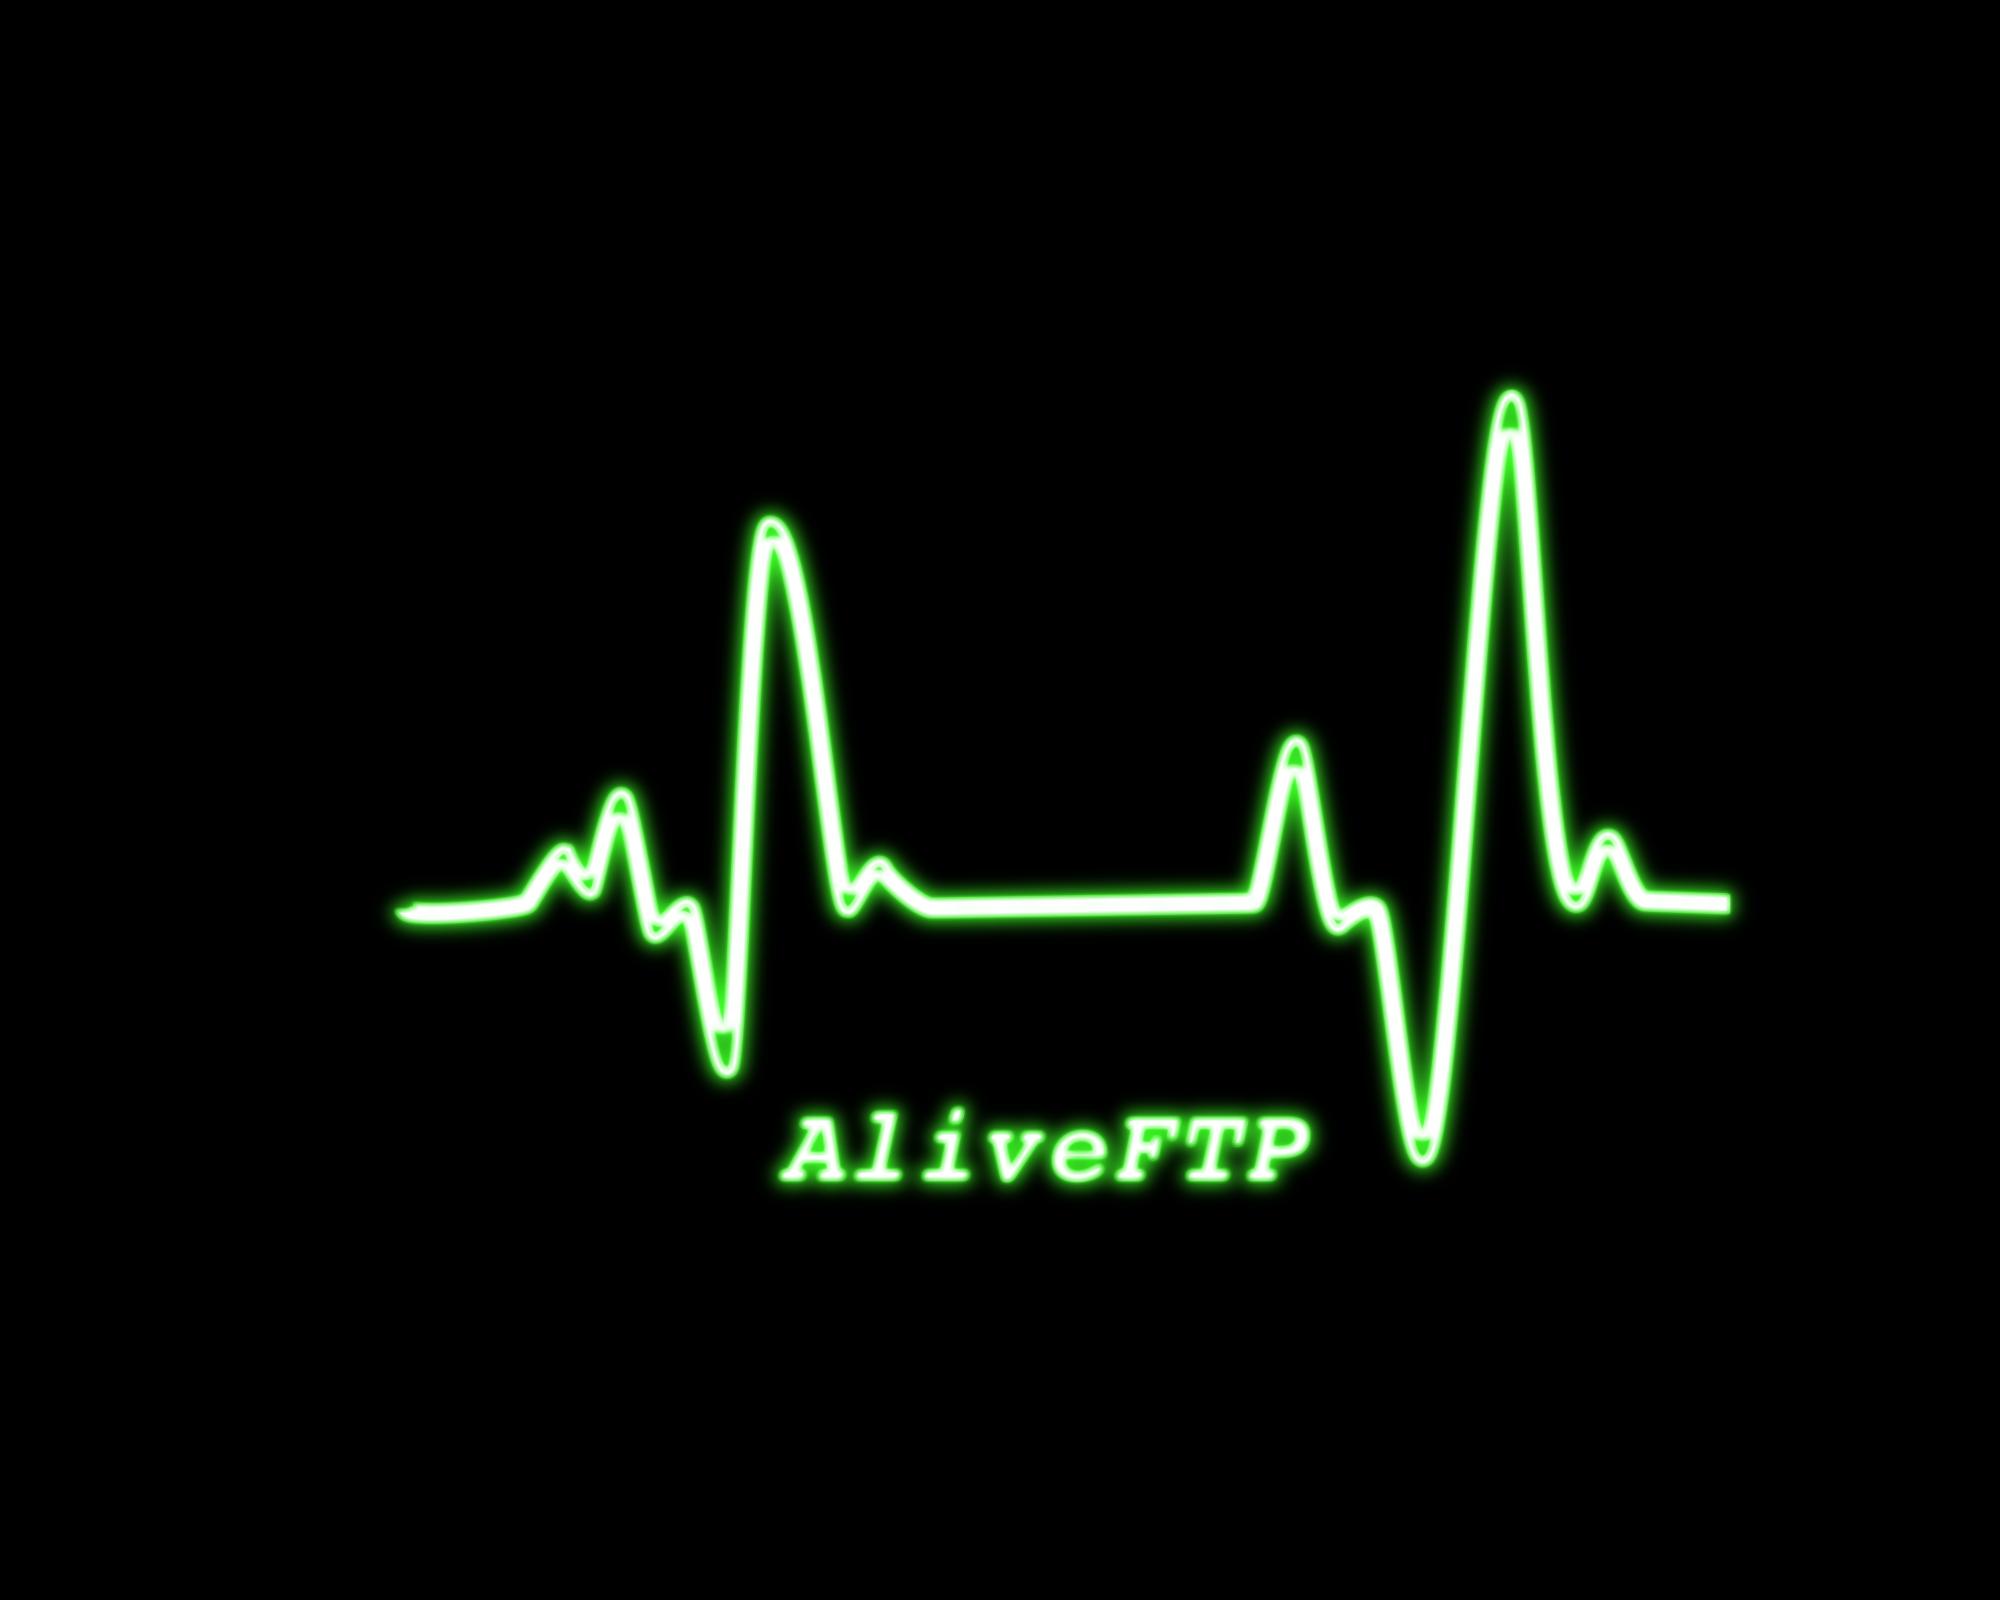 aliveftp.png